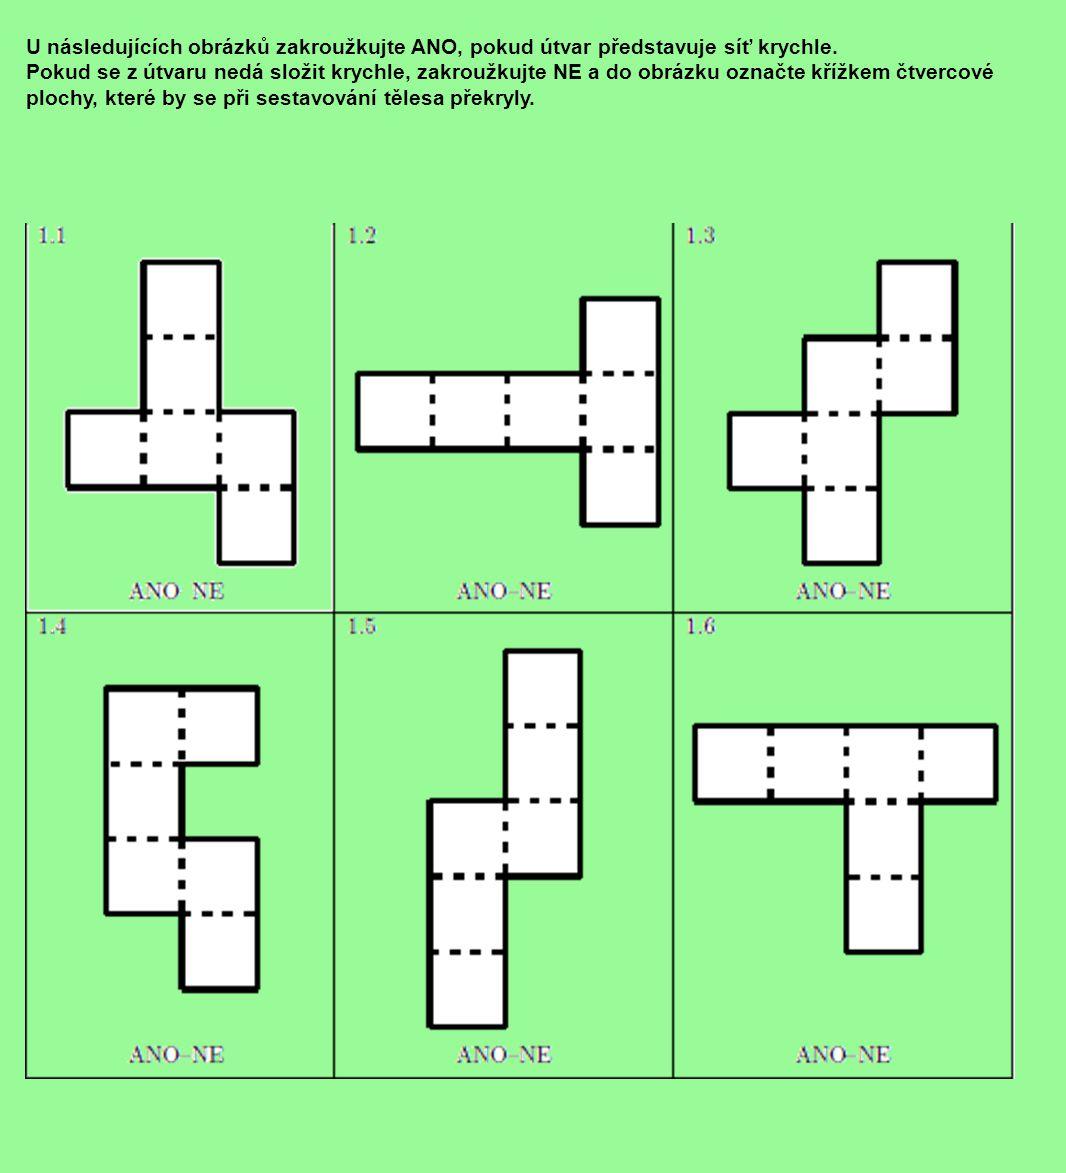 Vyberte v síti každé krychle stěnu, která bude ve složené krychli umístěna naproti obarvené stěně.